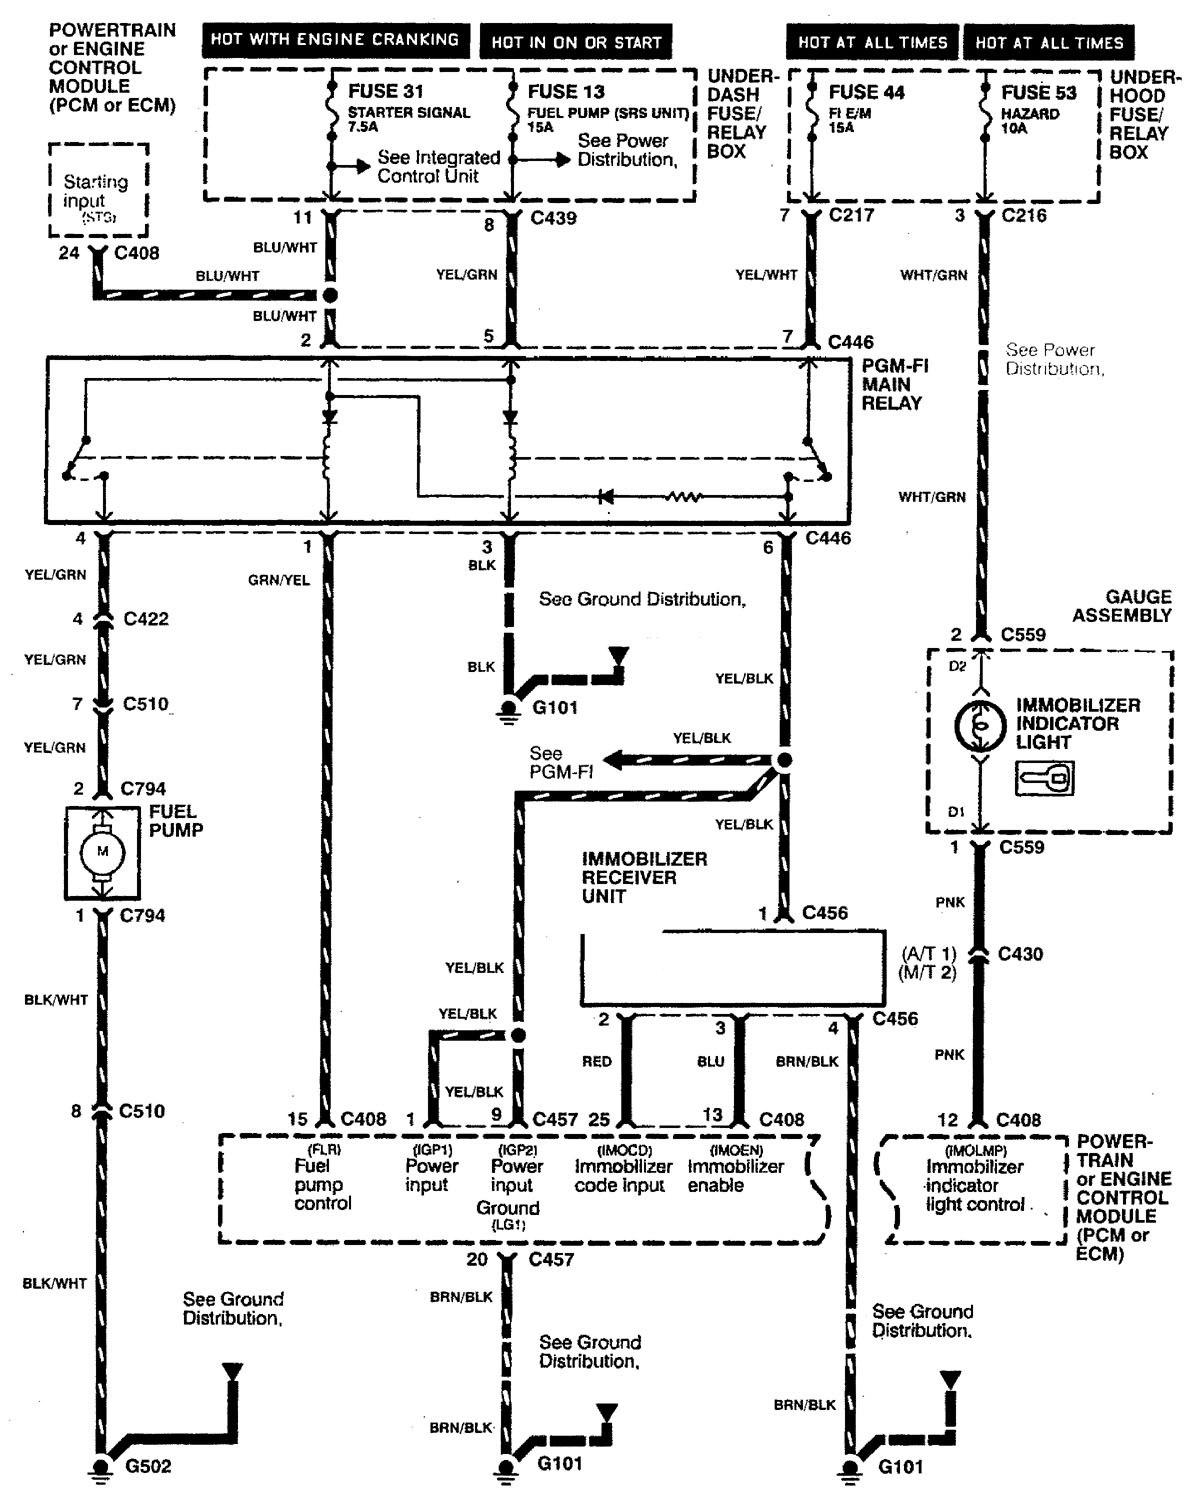 [SCHEMATICS_4FD]  05 Chrysler Pacifica Immobilizer Wiring Diagram - data wiring diagram | 05 Chrysler Pacifica Immobilizer Wiring Diagram |  | Edgar Hilsenrath